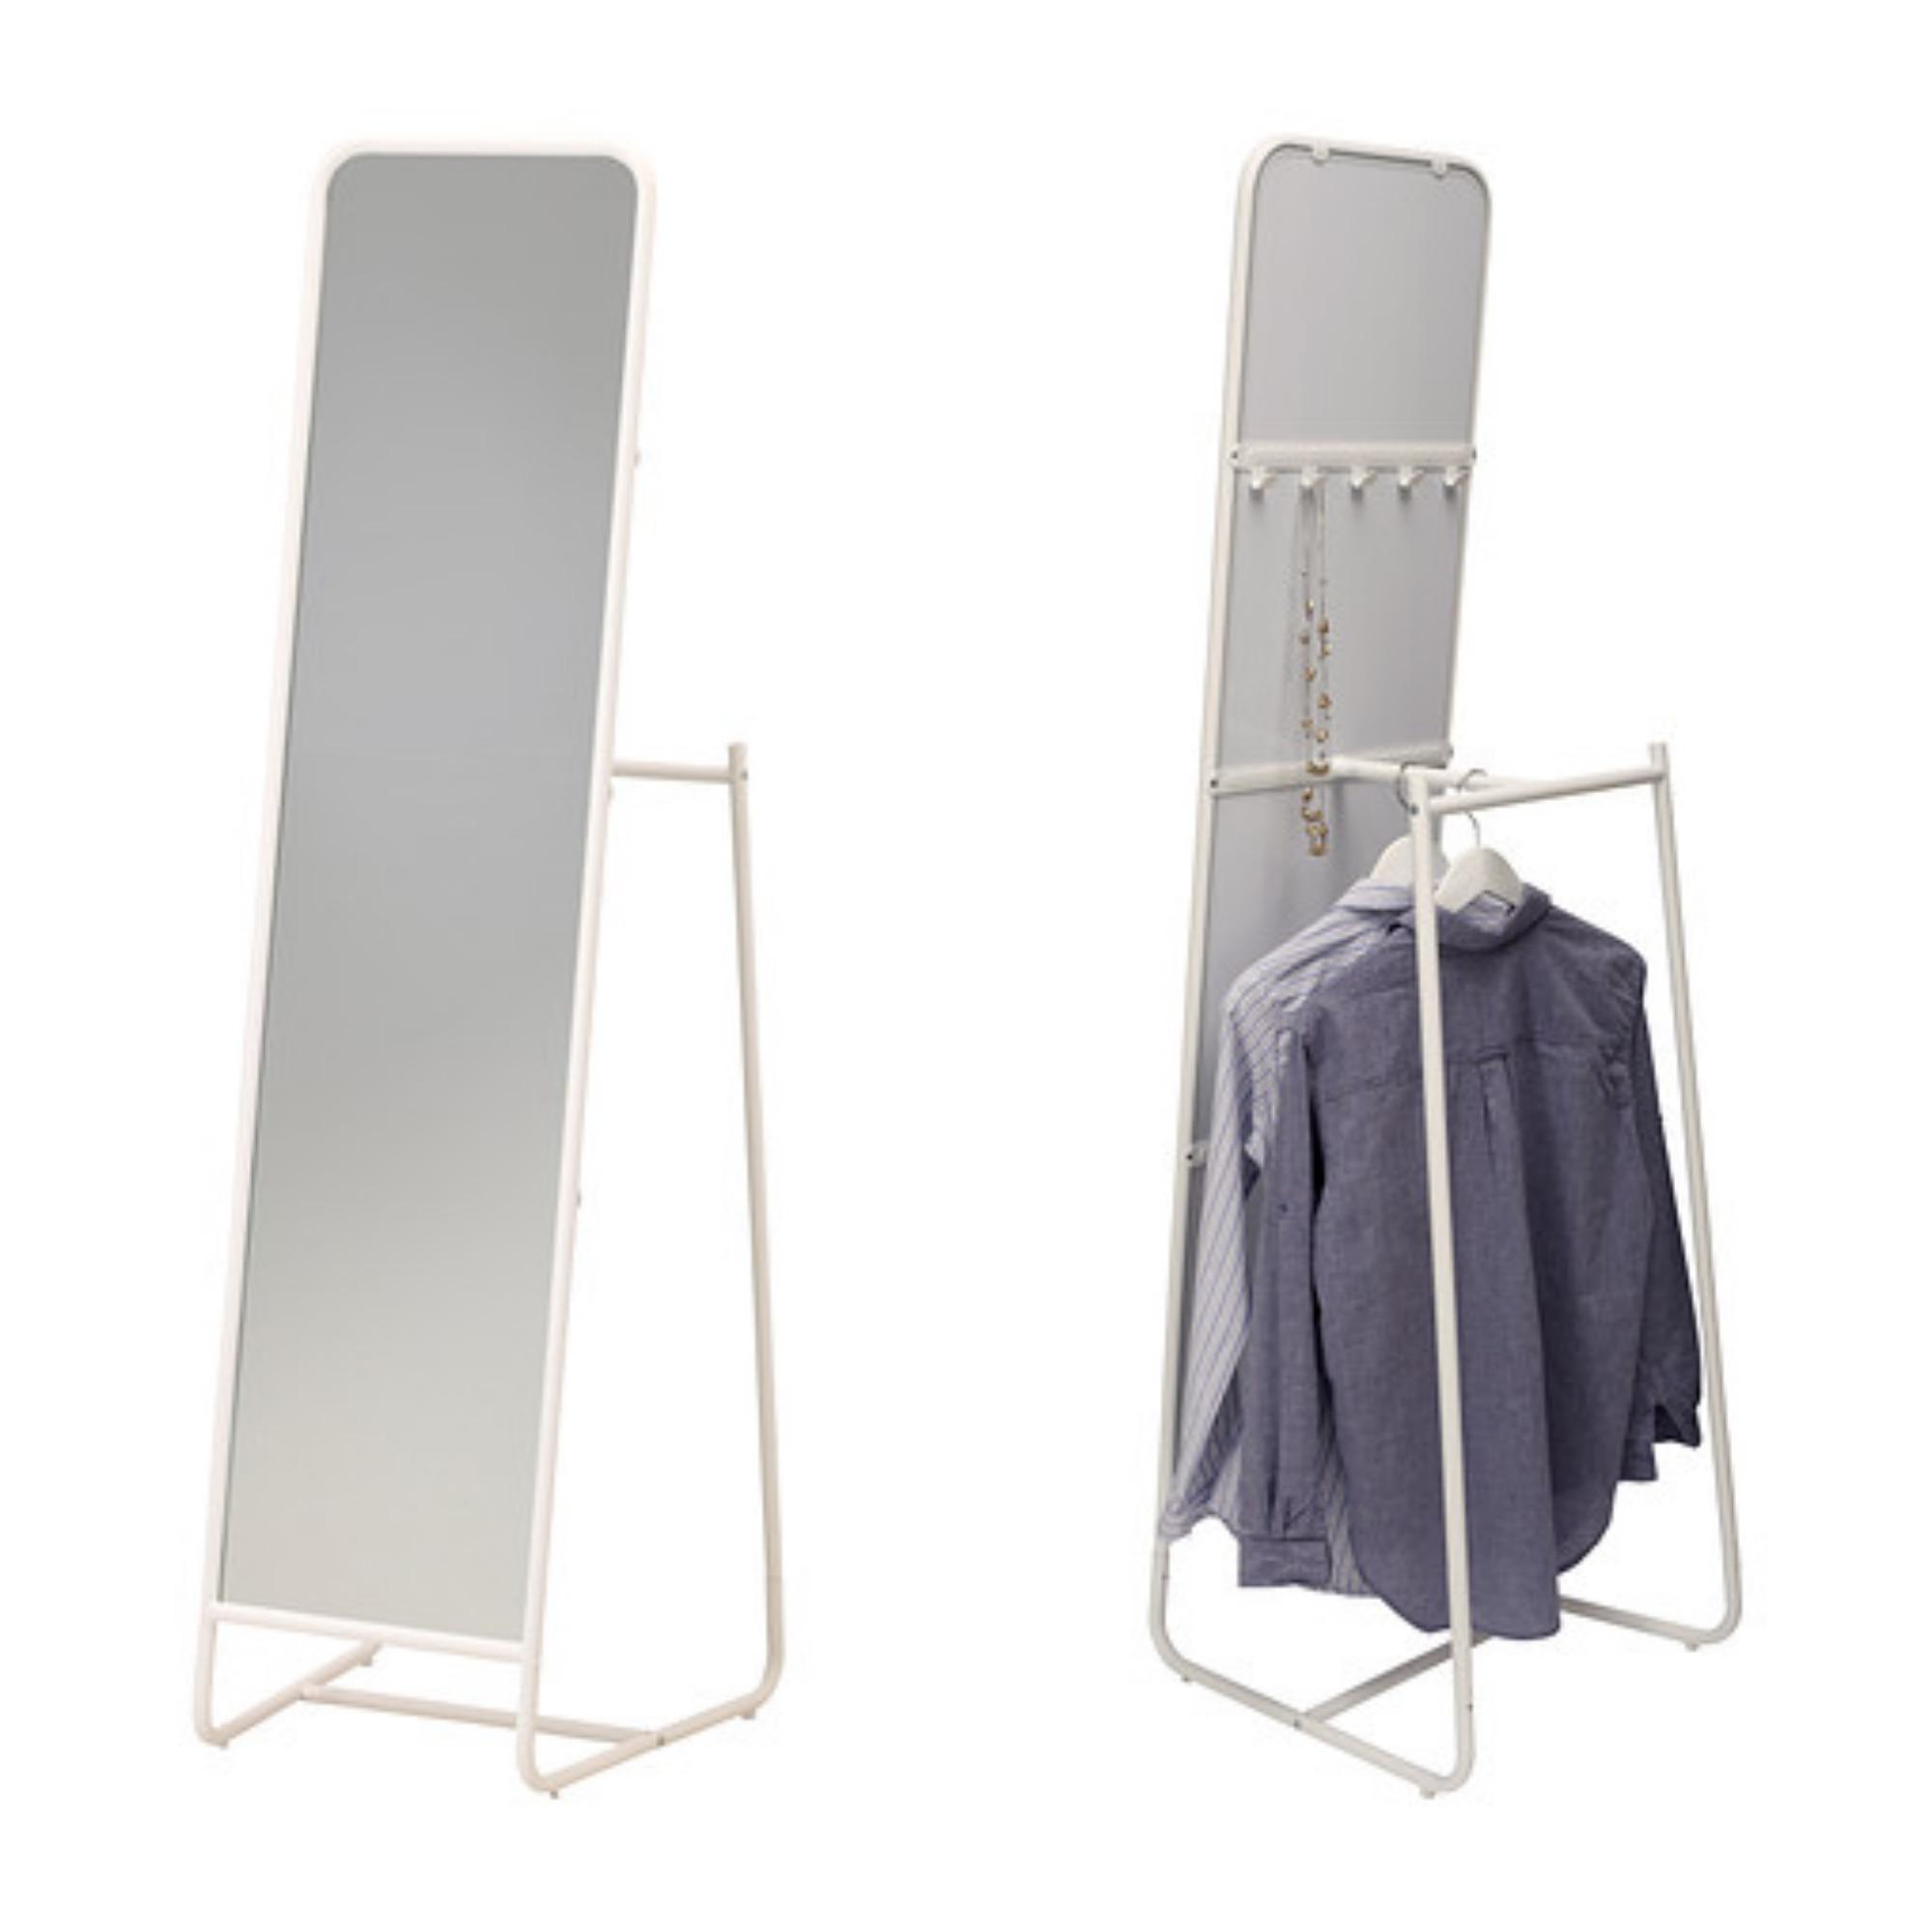 Mi nuevo espejo joyero y tienda vintage en gij n - Espejo cuerpo entero ikea ...